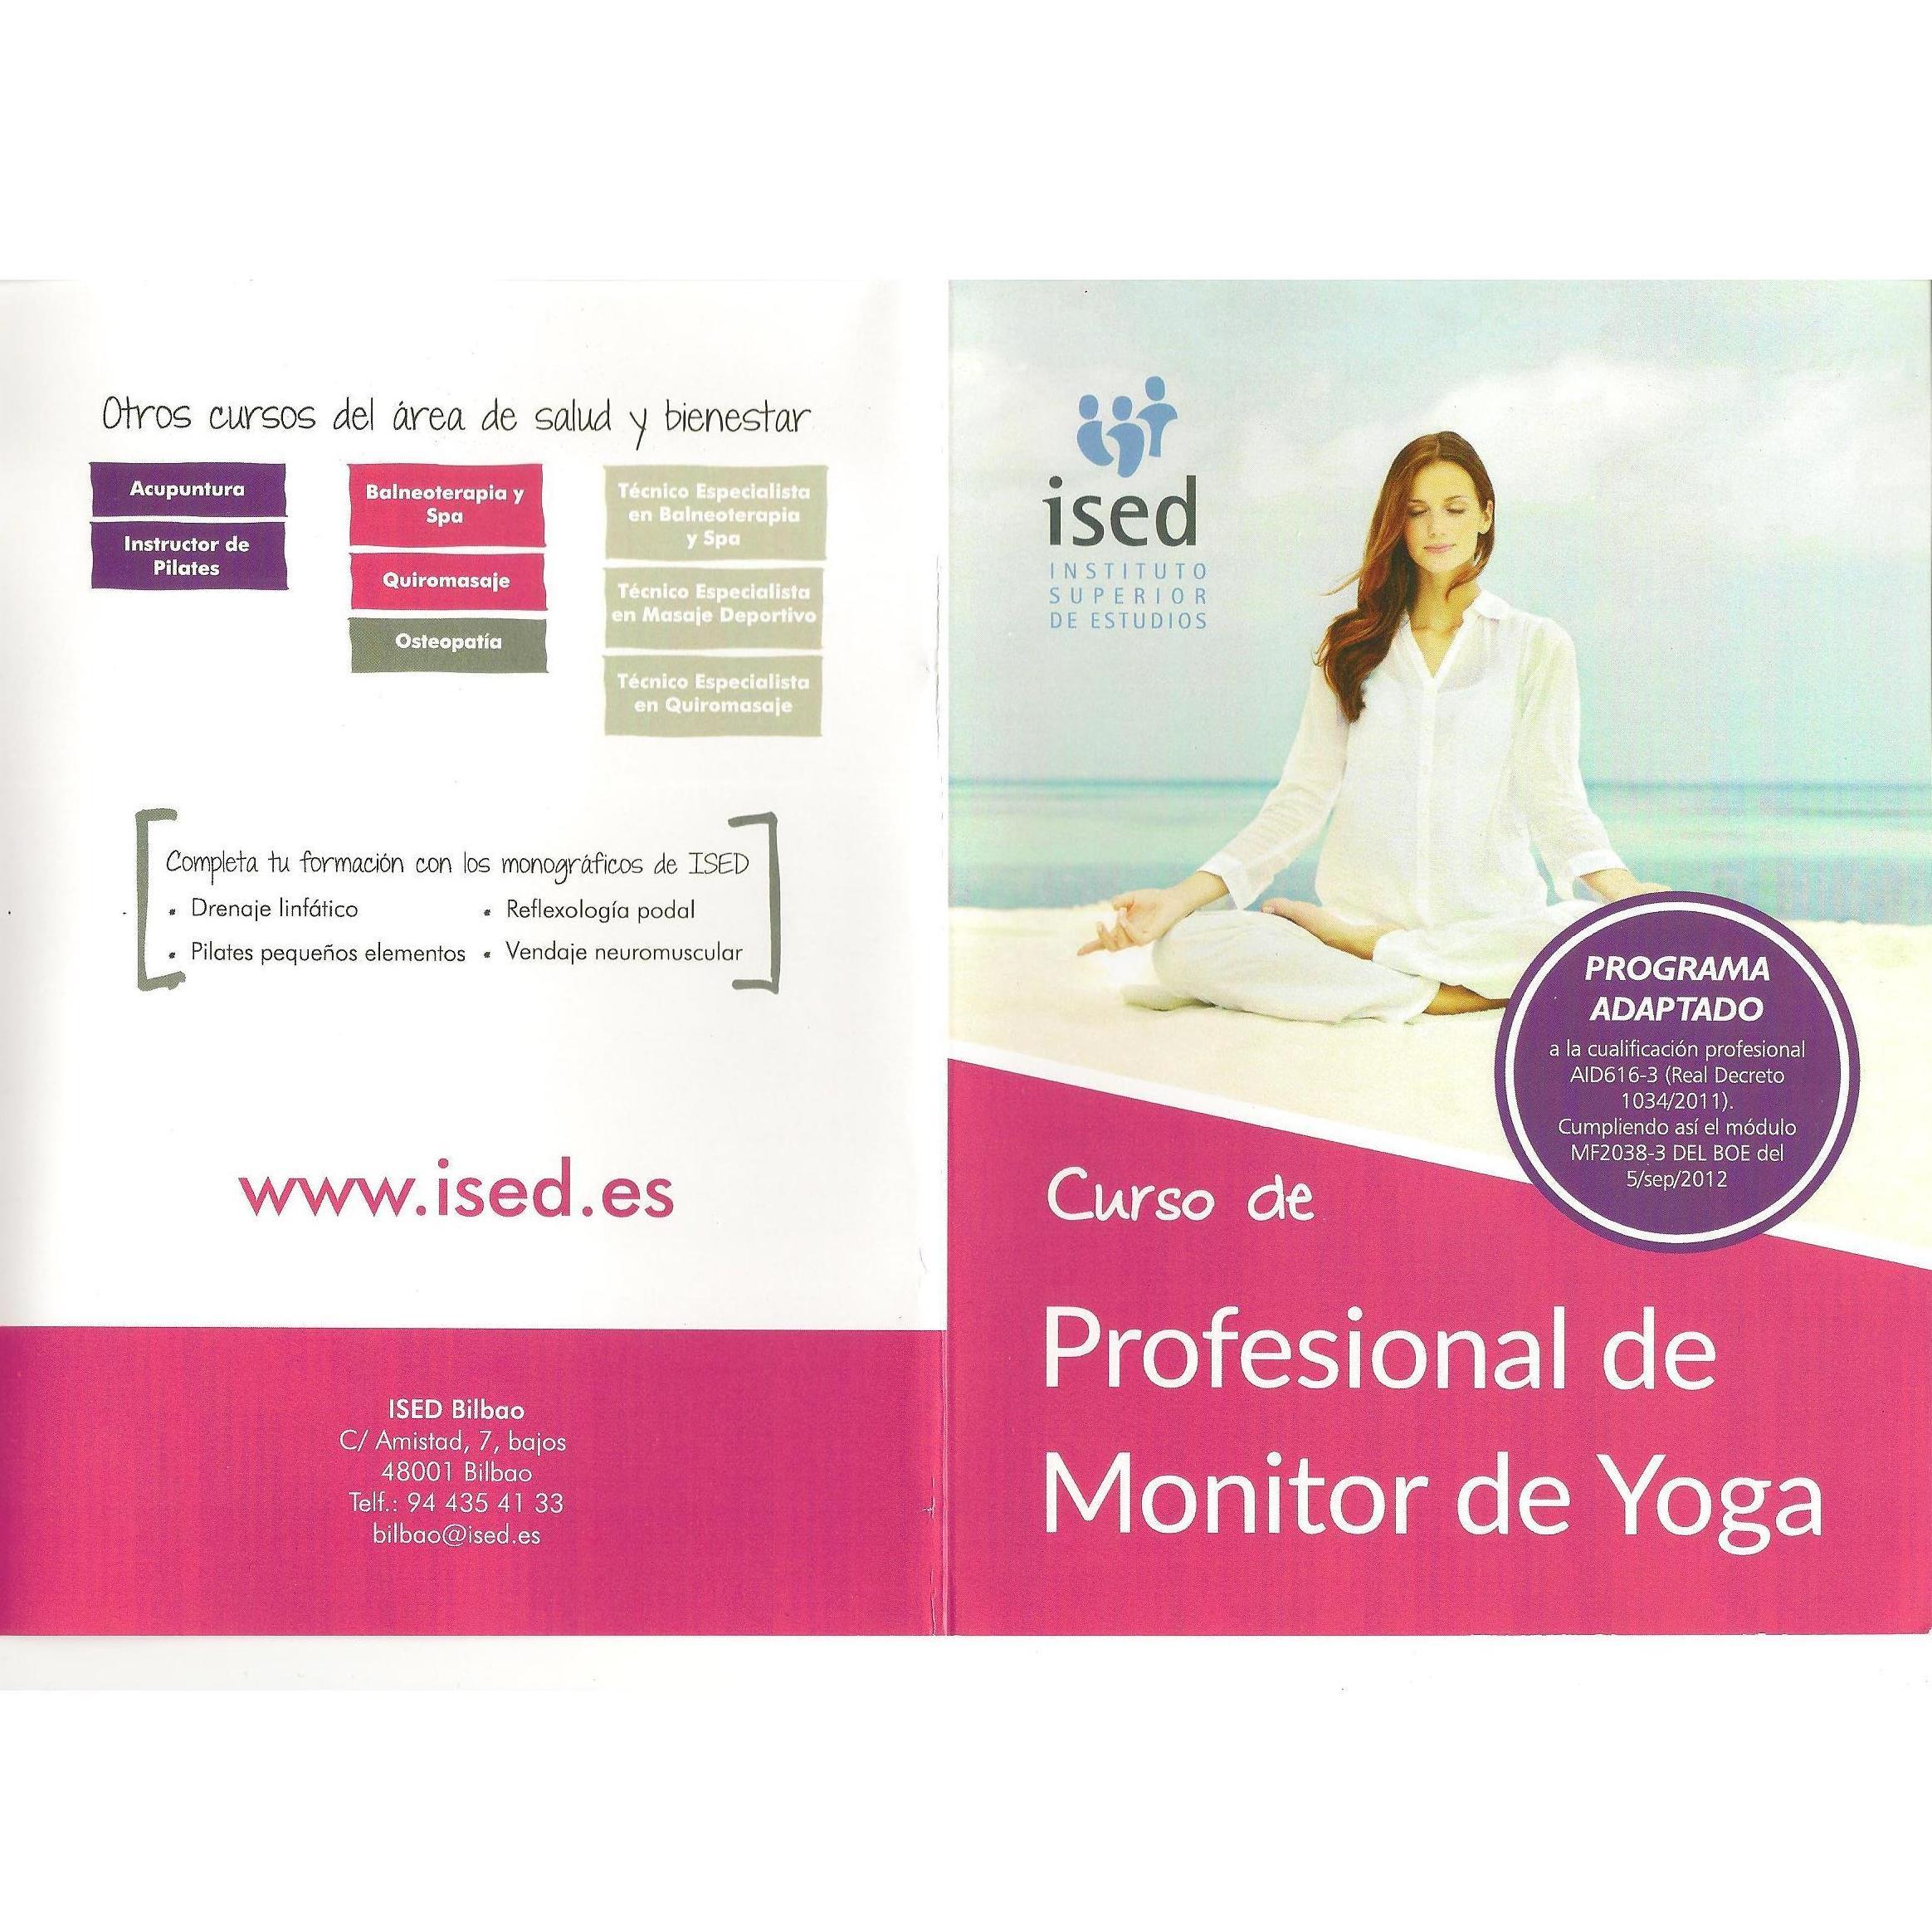 Curso de profesional de Monitor de Yoga